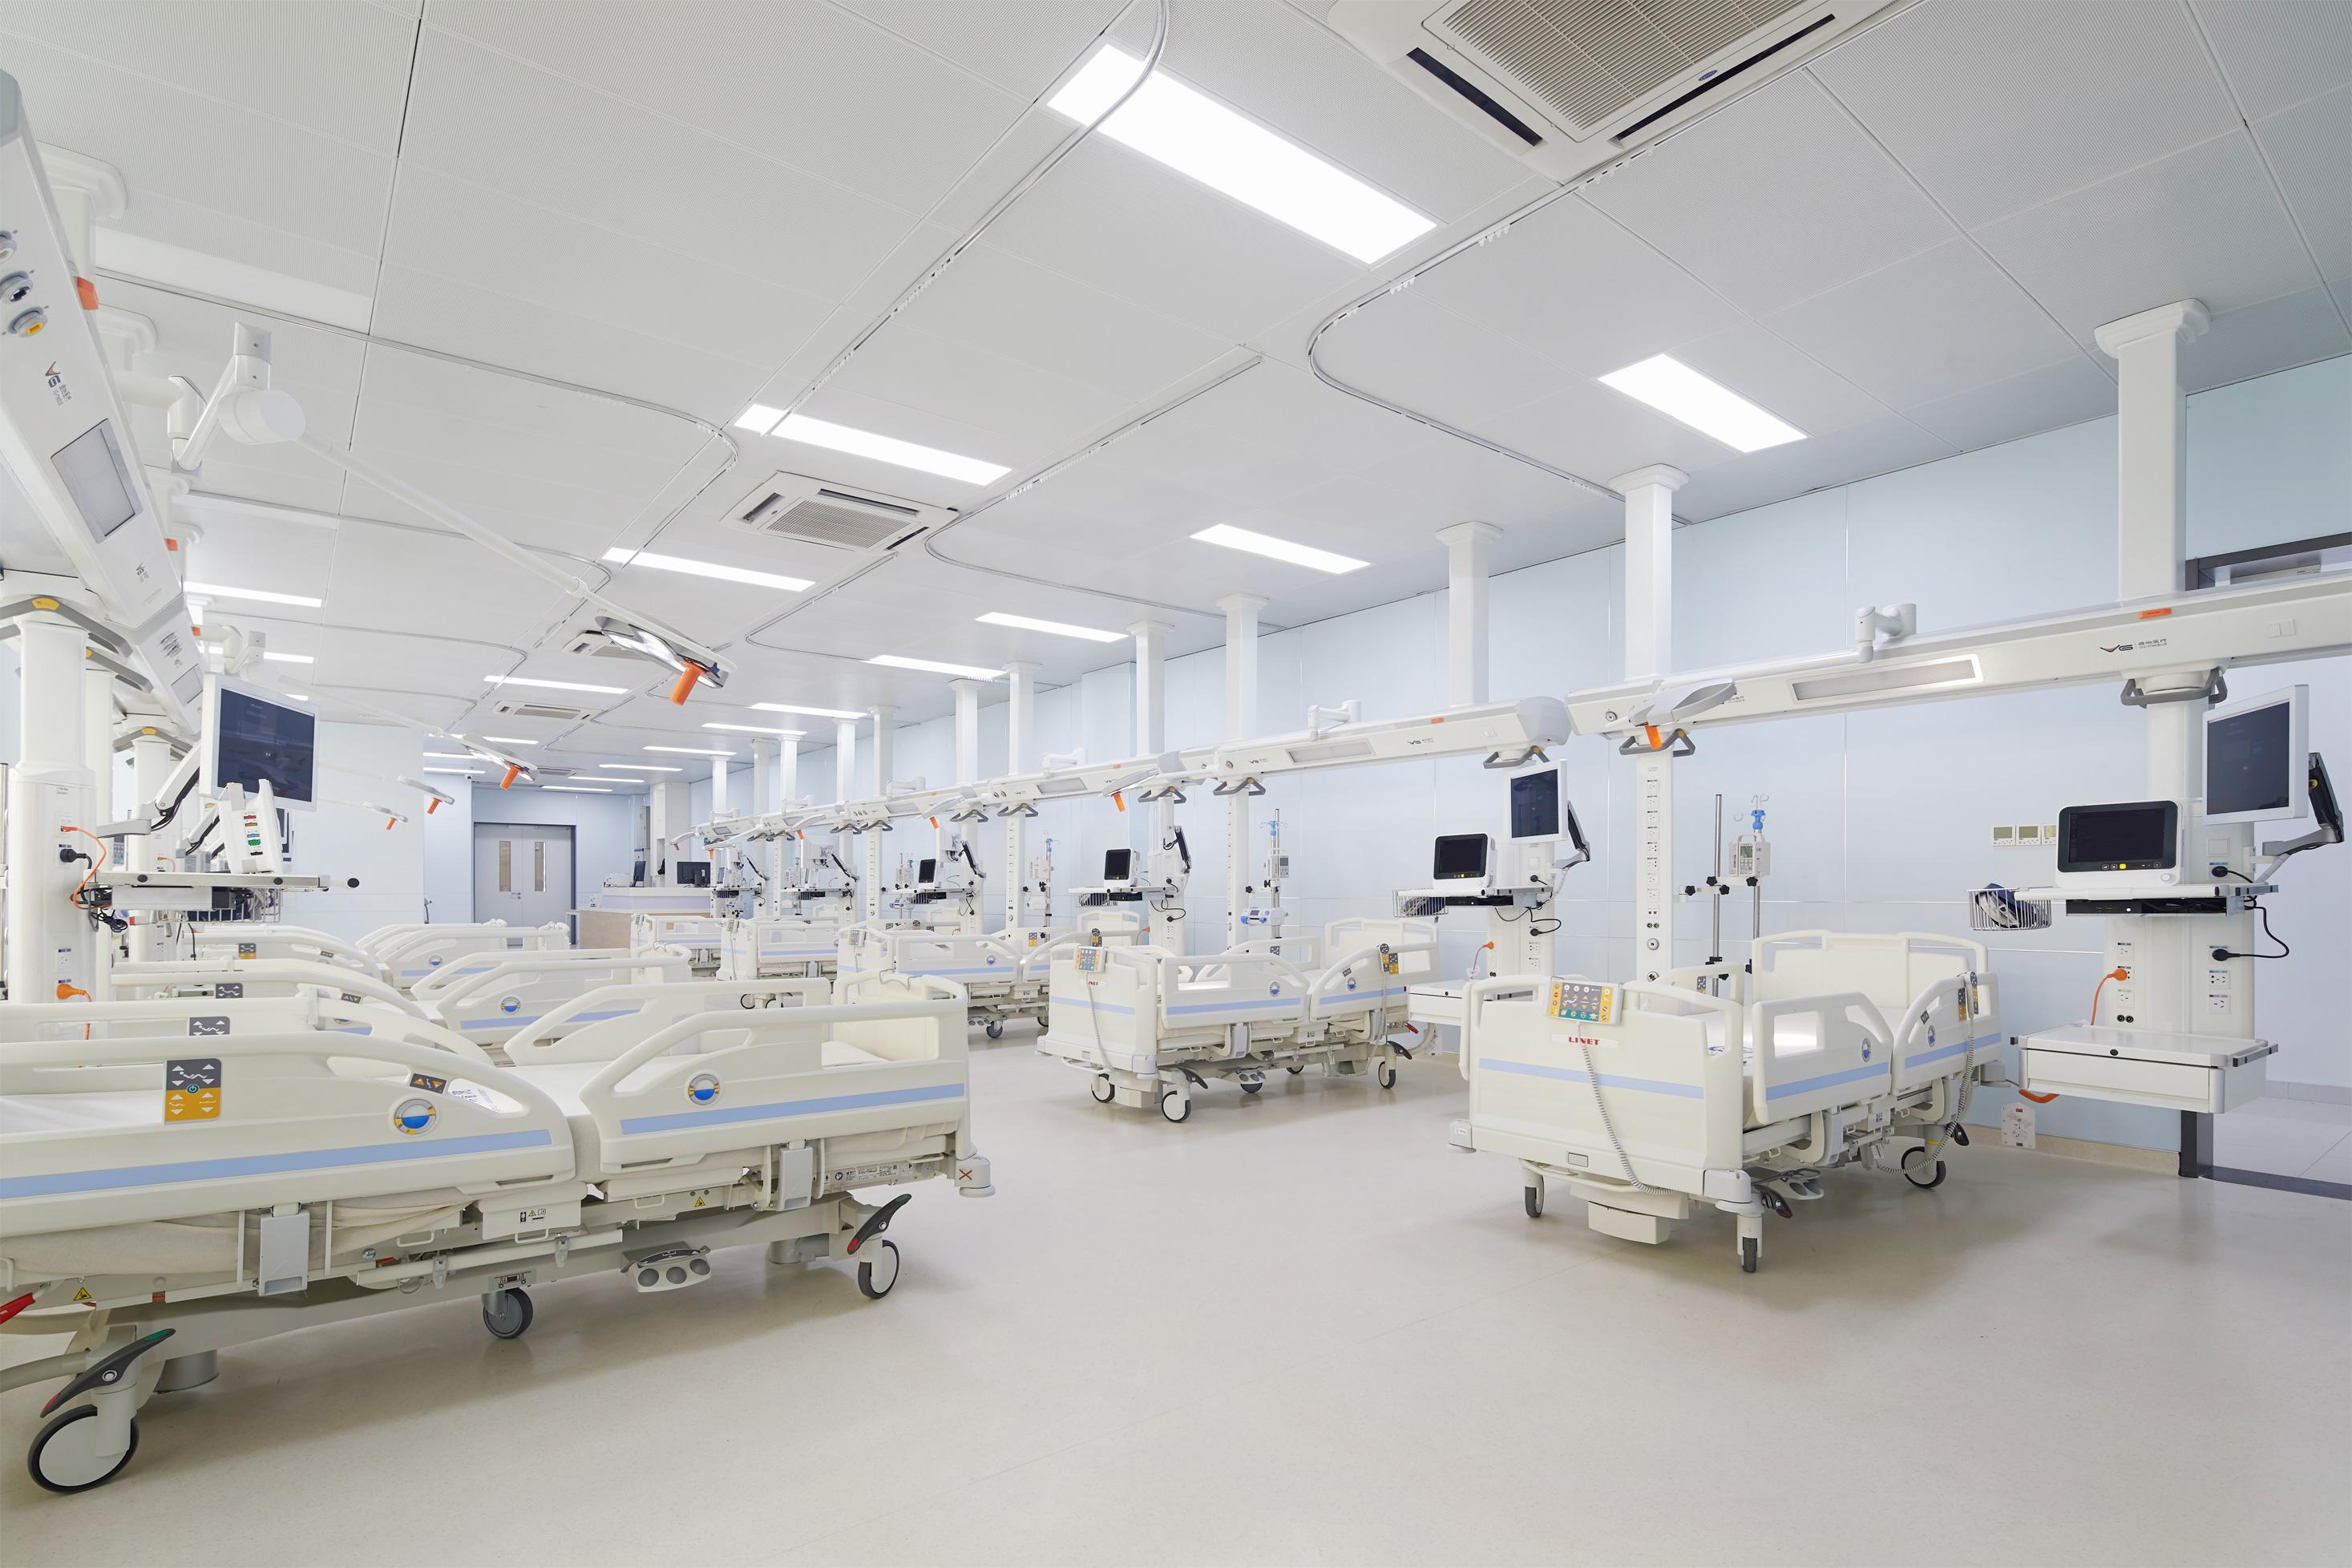 維怡教你認識什么是數字化手術室